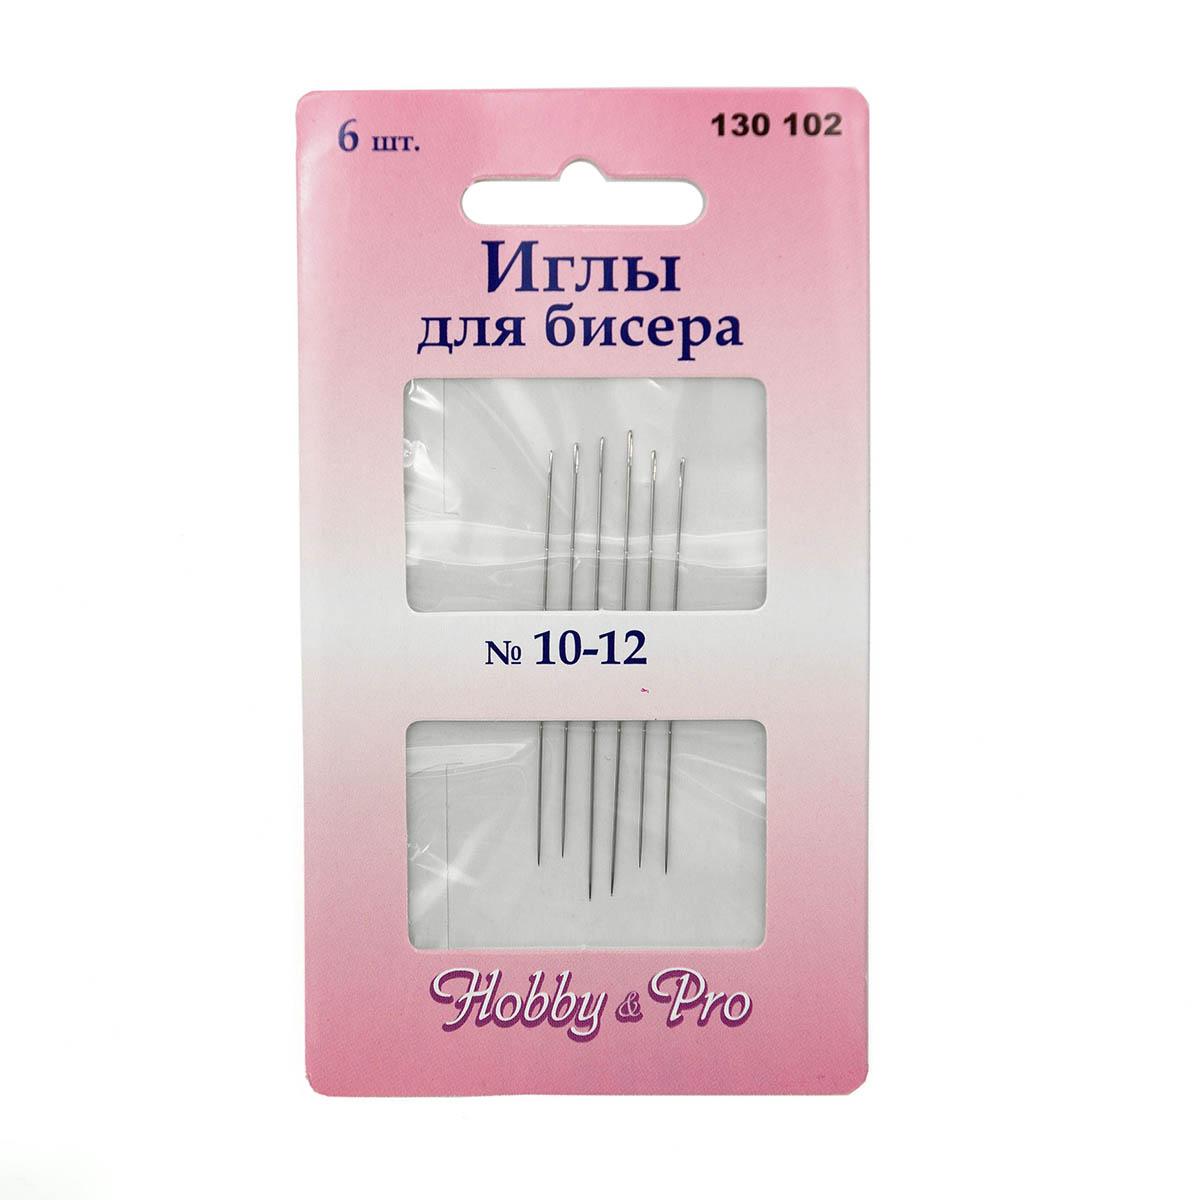 Иглы ручные для бисера №10-12, 6шт. 130102, Hobby&Pro